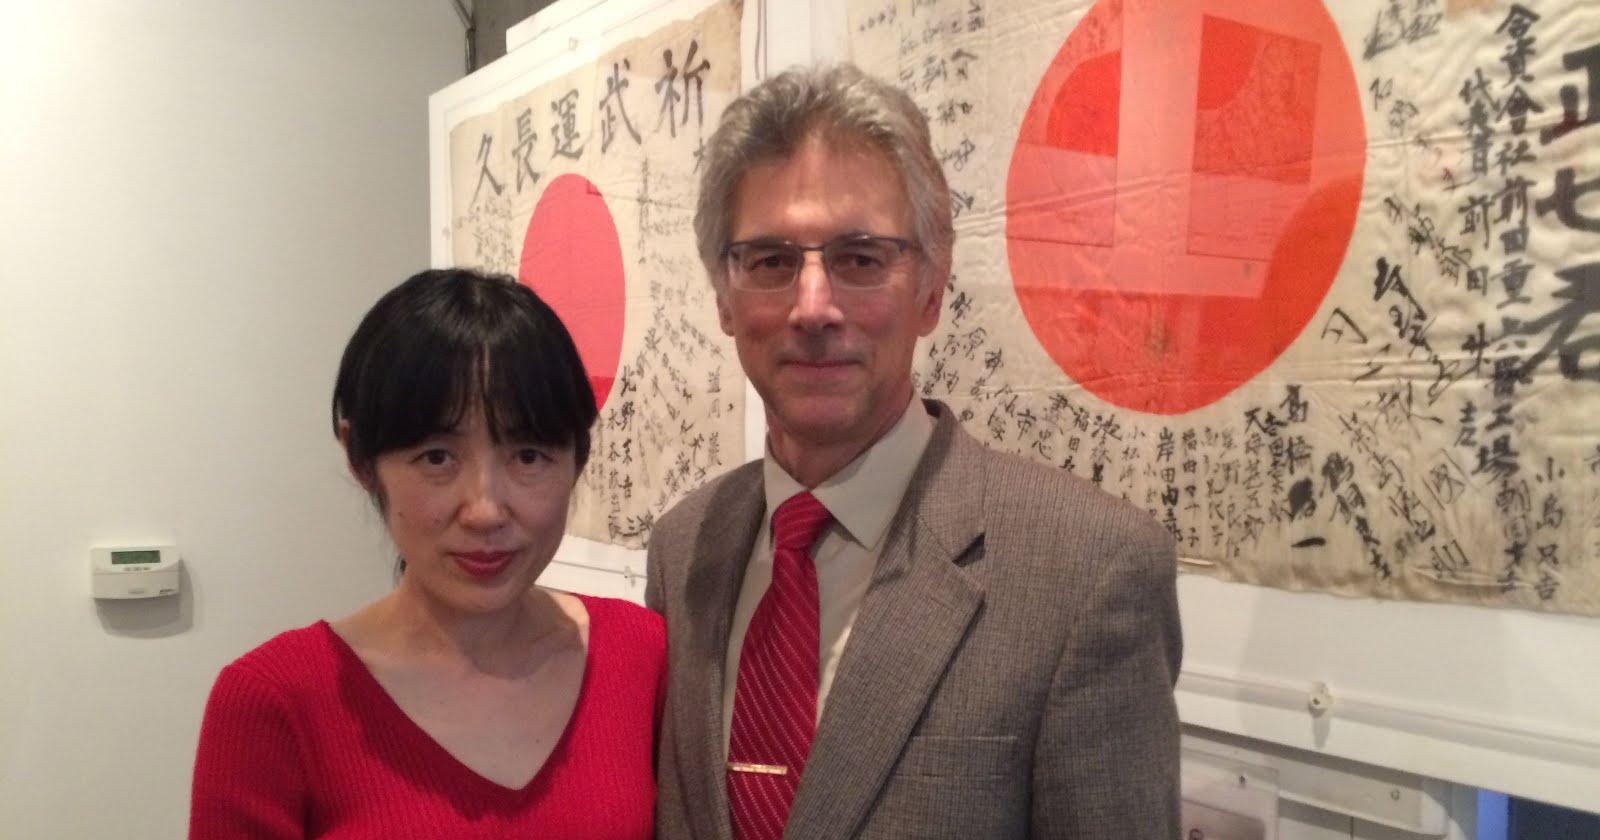 Lori Matsukawa, KING 5 News July 24, 2015